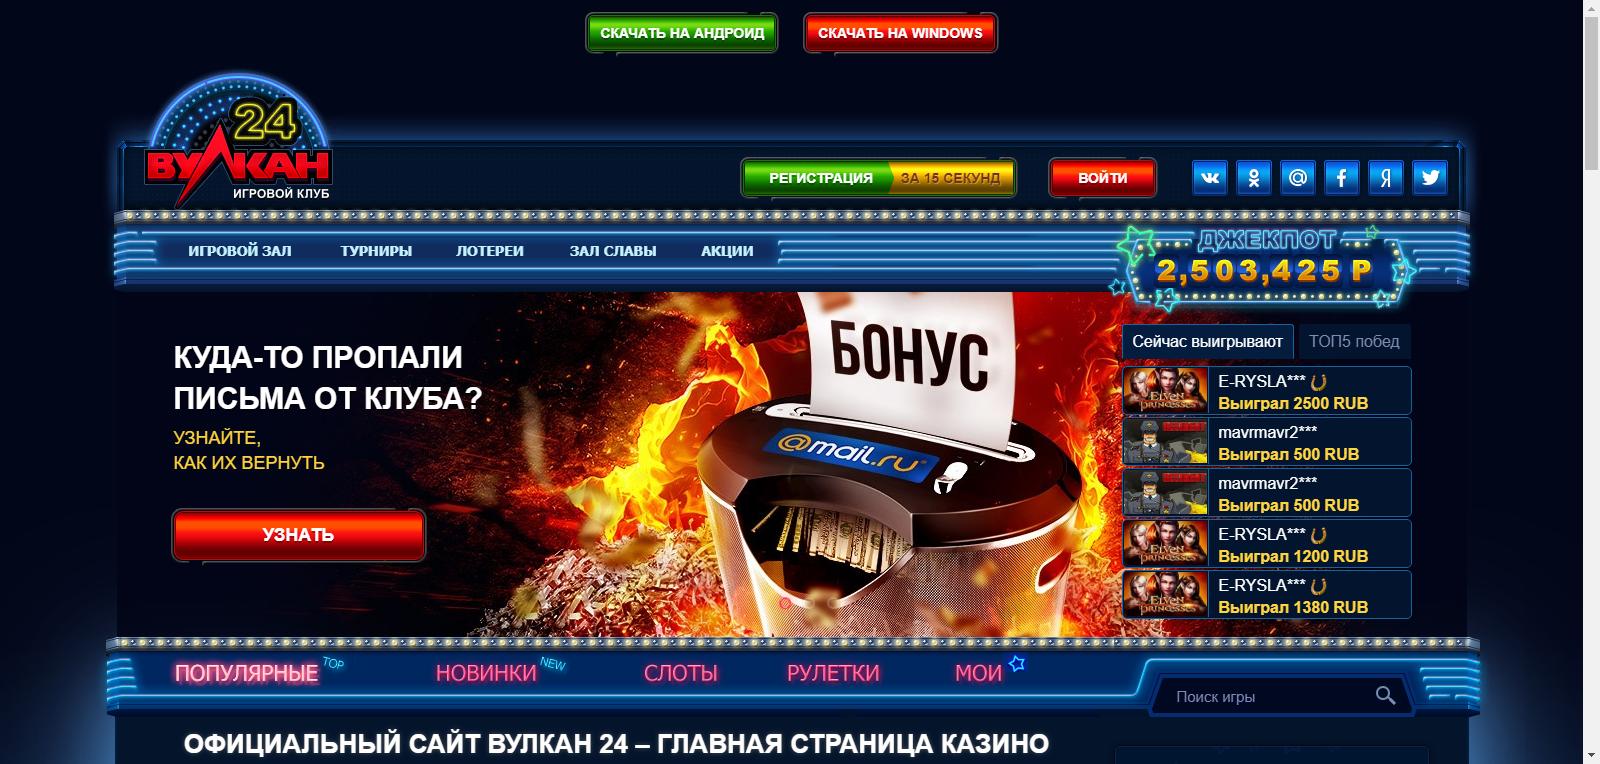 официальный сайт казино 24 официальный сайт